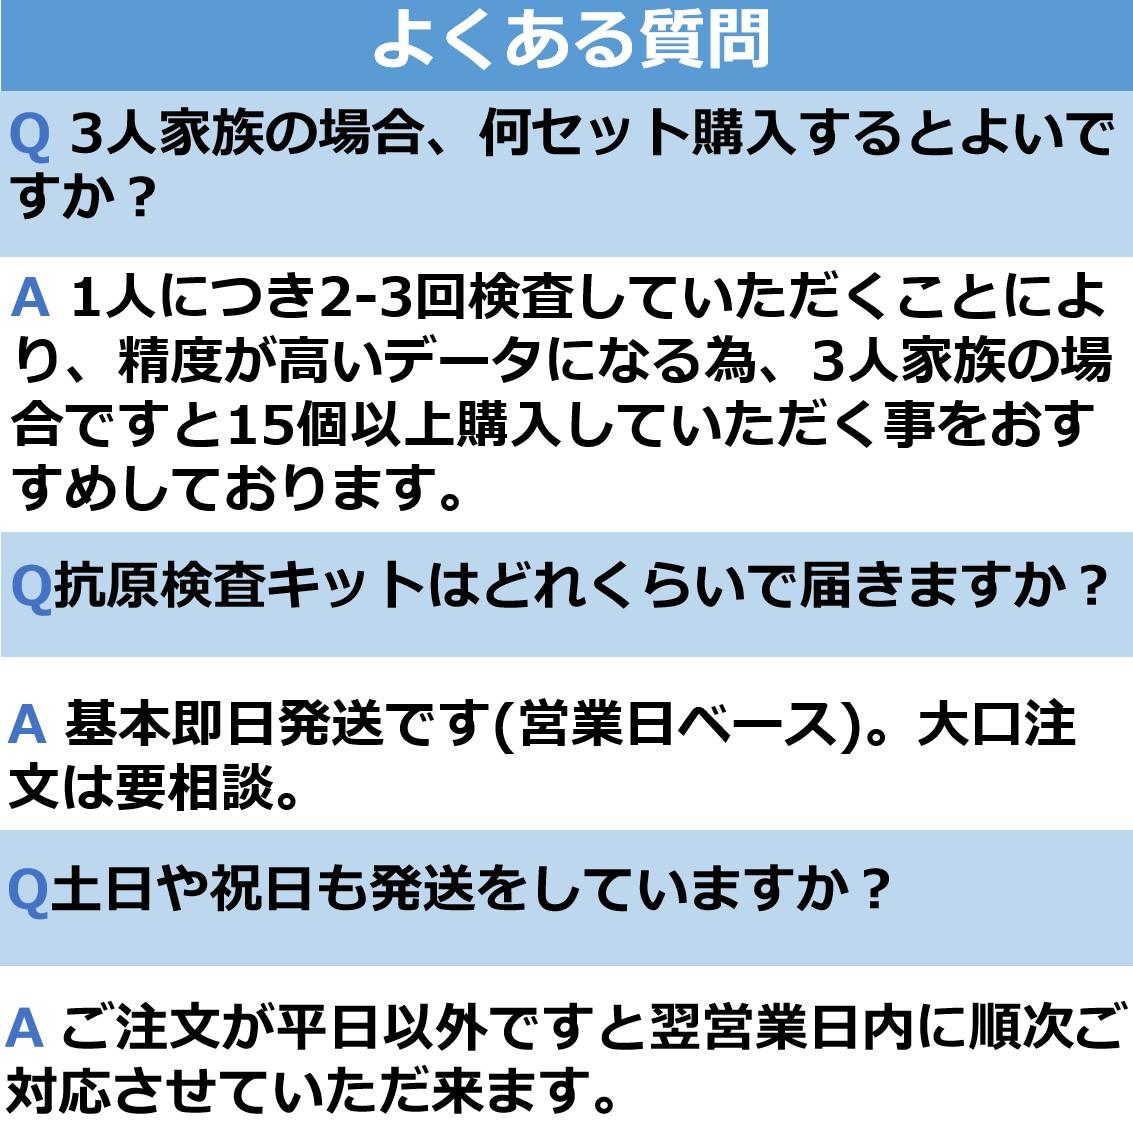 @3700円【5回分】新型コロナ抗原検査キット※送料無料